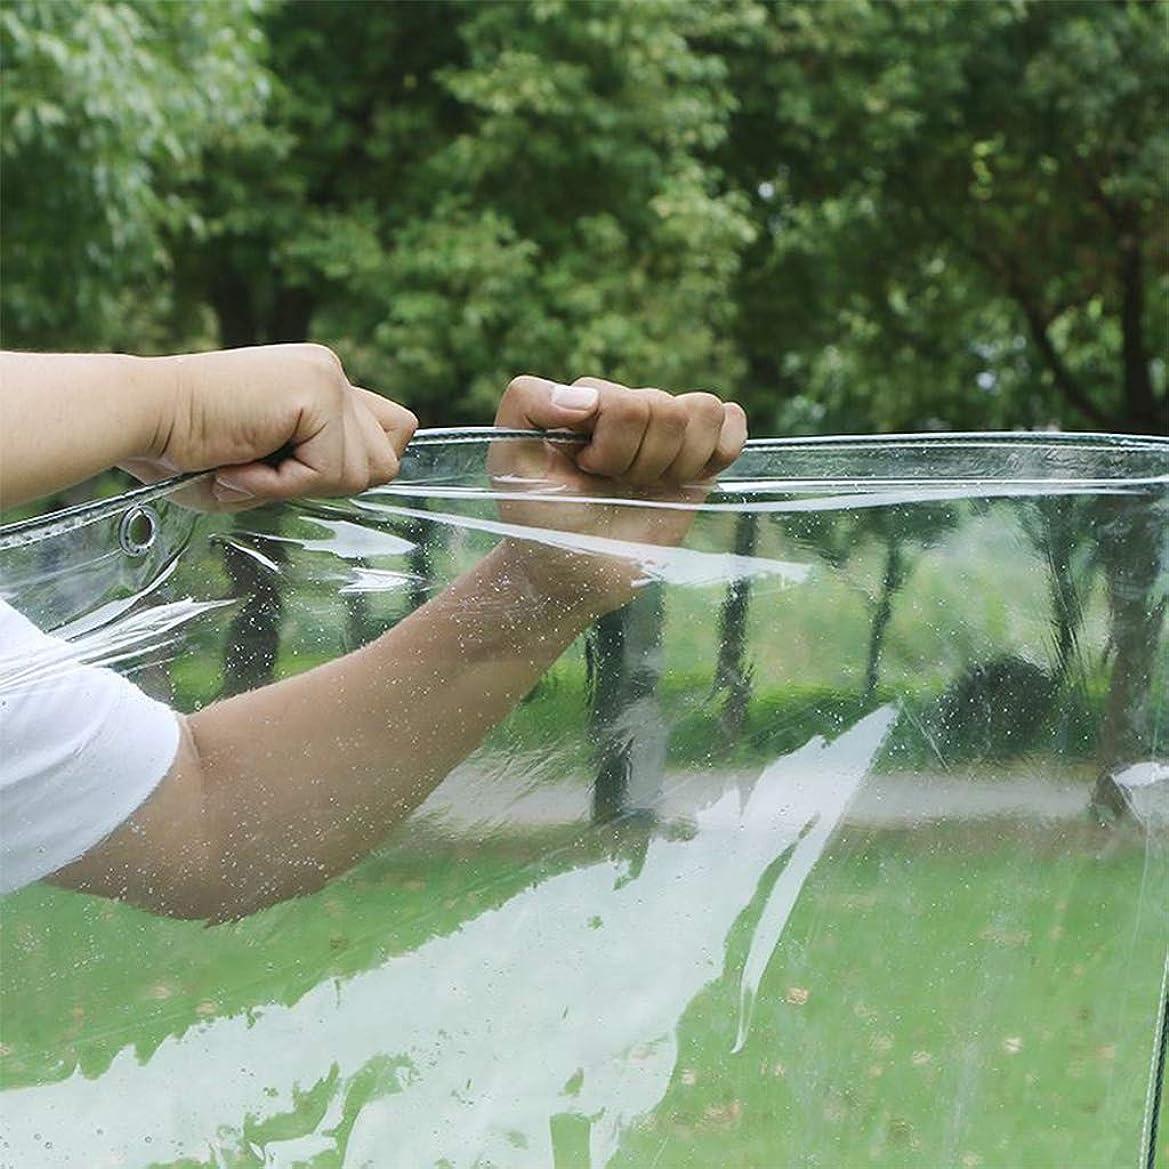 理論鈍いジャズ透明ターポリン 屋外 防水 保護ターポリン 透明な耐水シート 防水透明なターポリン 庭のバルコニーの雨カーテン 屋外テント レインカバー プラスチック布 防風引き裂き抵抗 厚手 クリアー シート の 500g / m2、8サイズ 雨カーテン